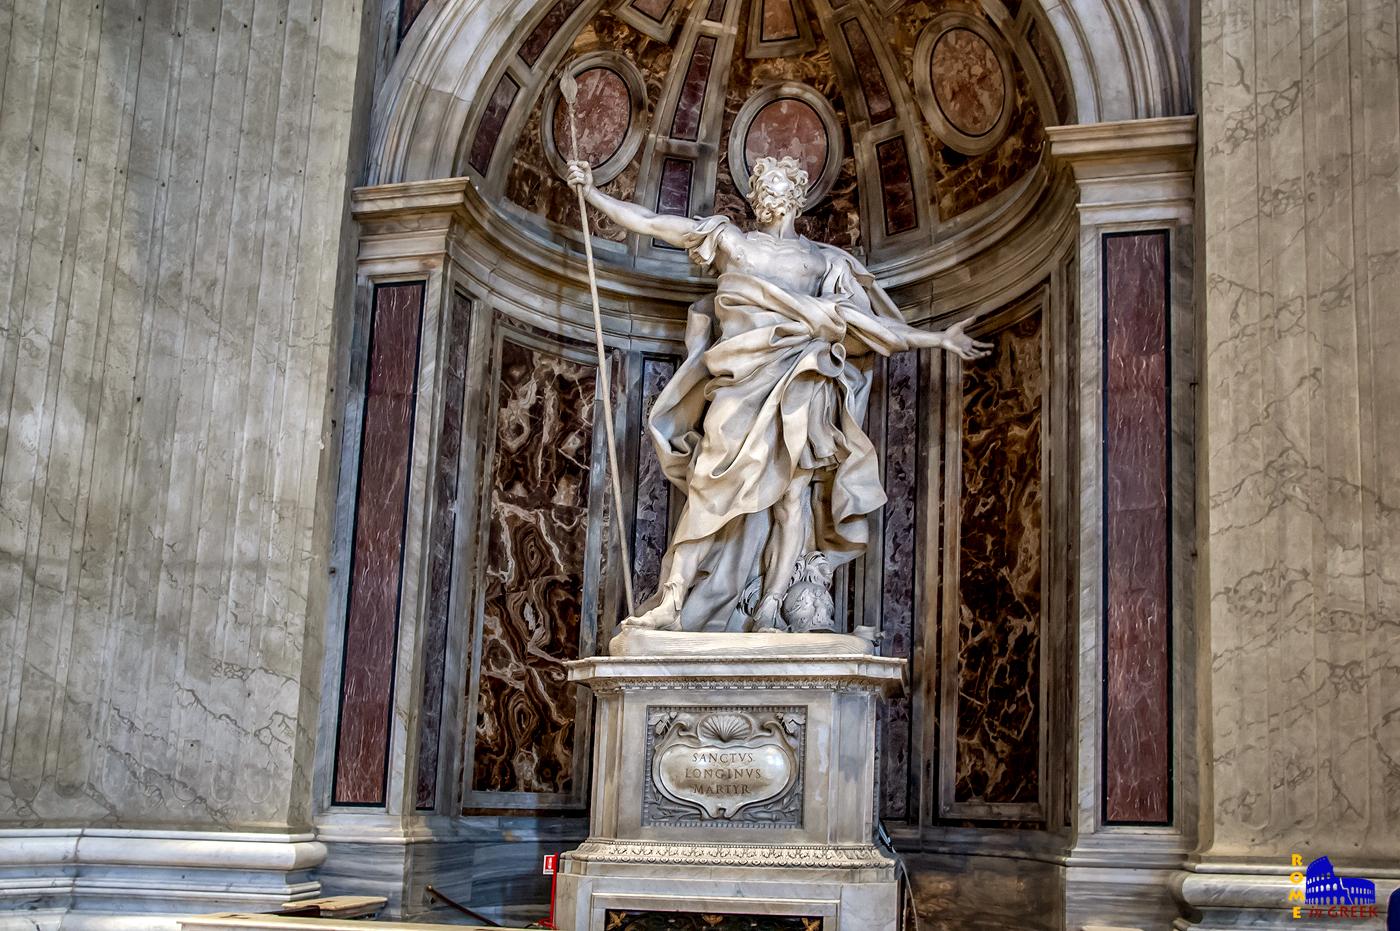 Ο Άγιος Λογγίνος με τη Λόγχη. Έργο του Gian Lorenzo Bernini (1638)